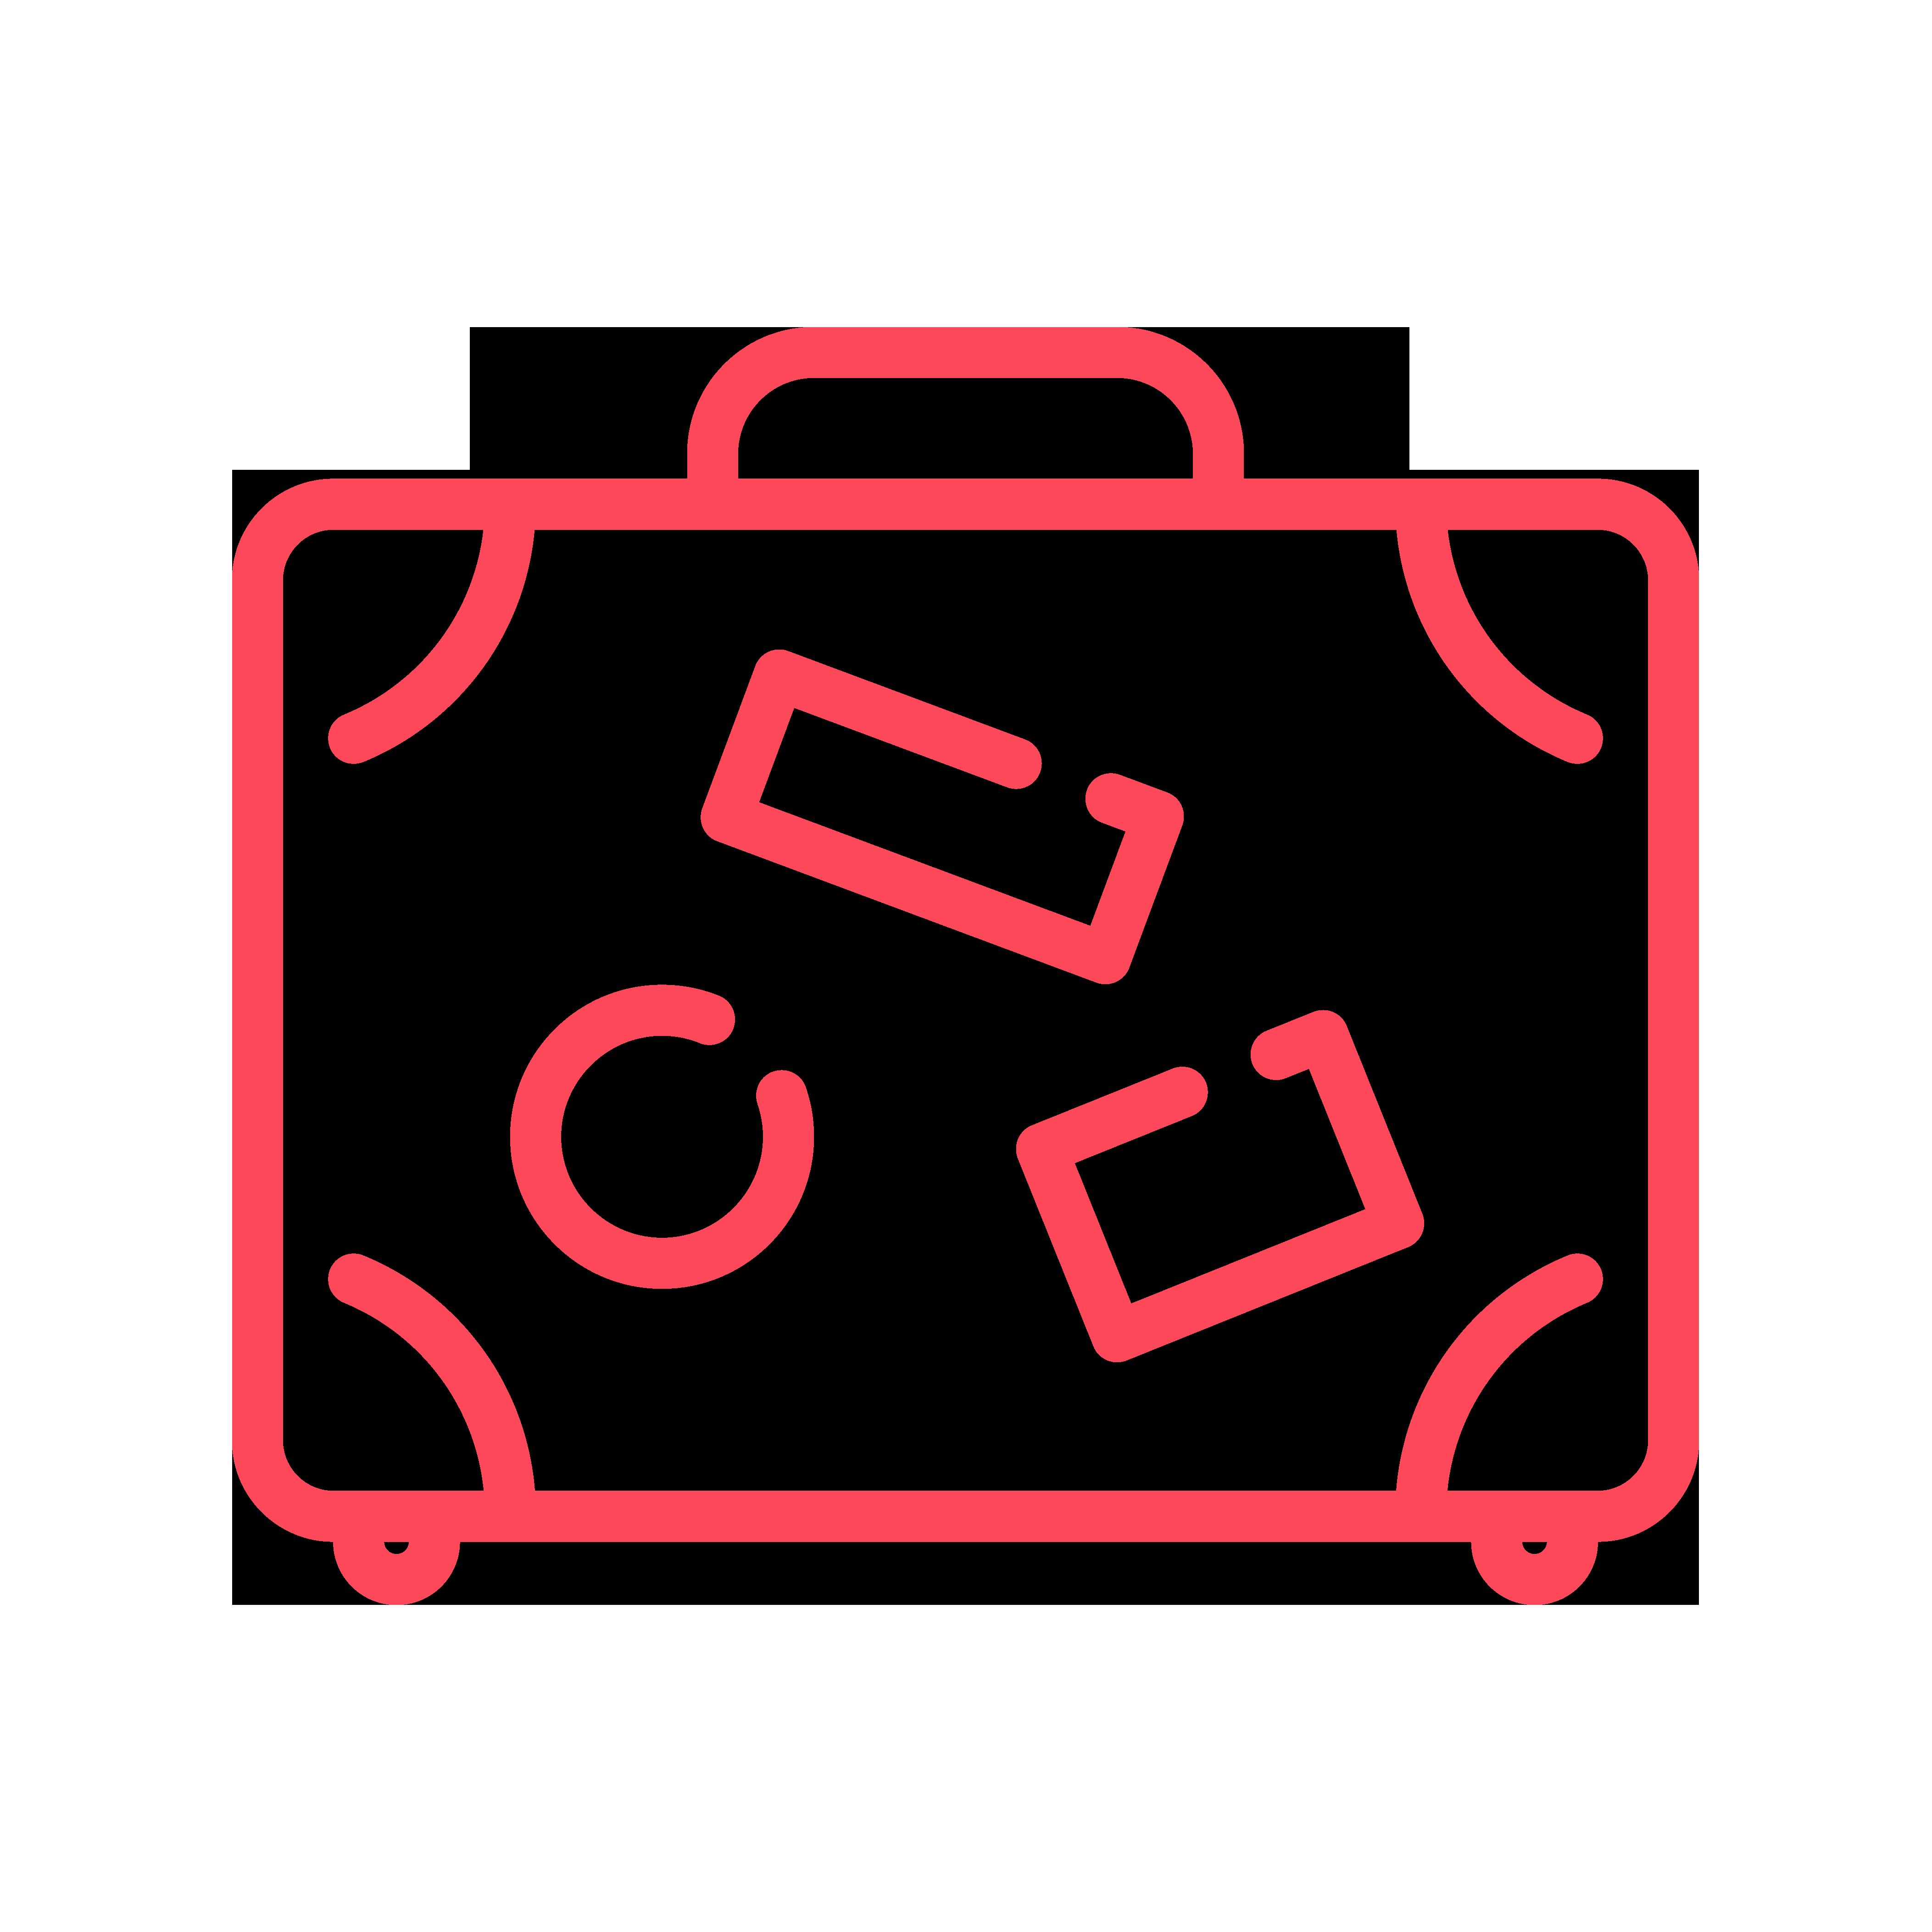 viaje-icon2